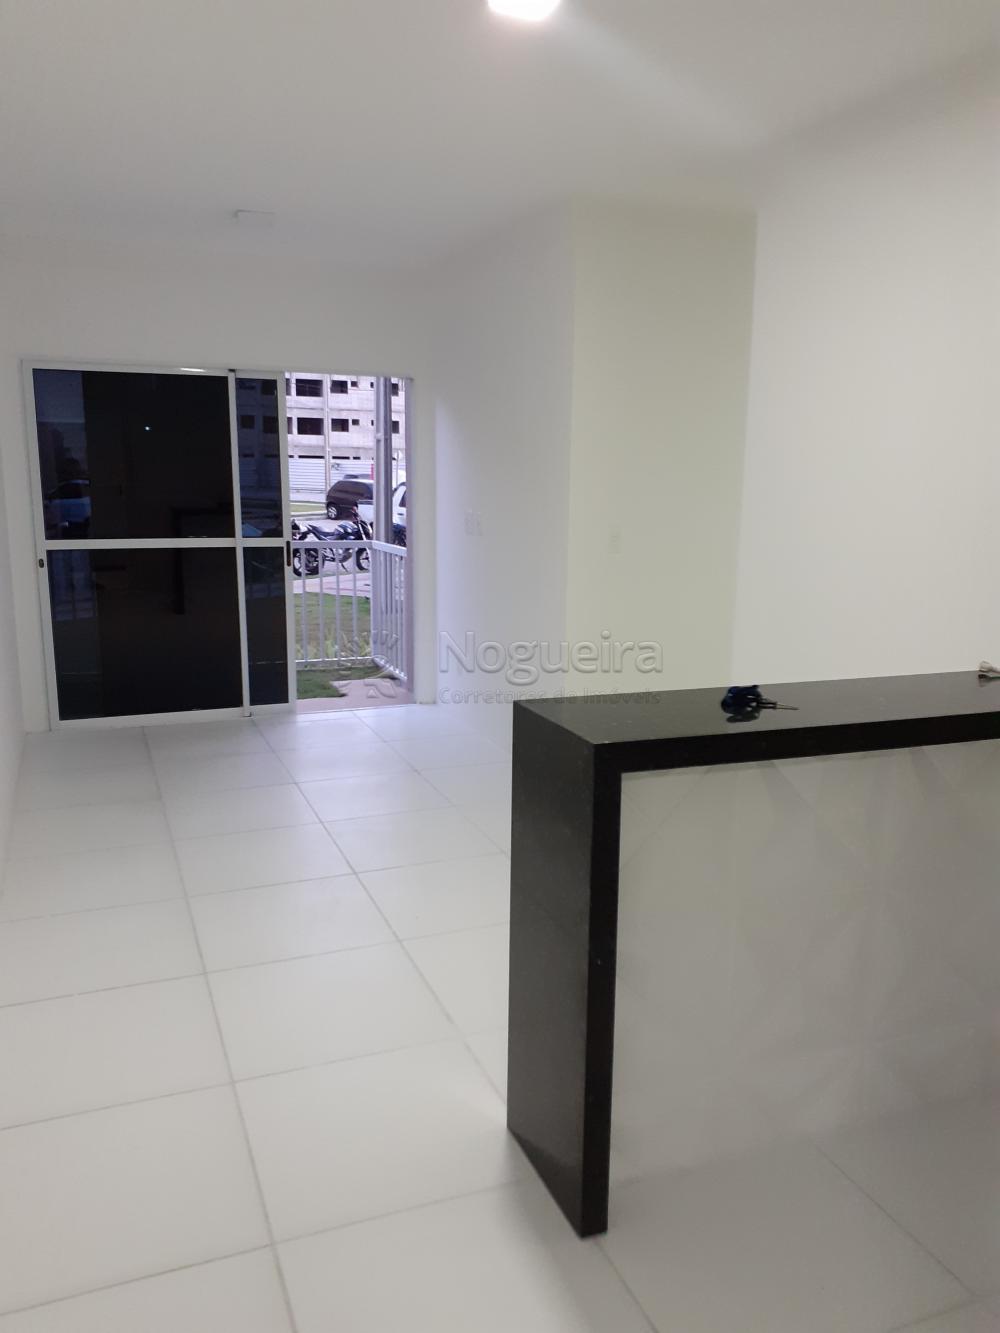 Apartamento novo em condomínio fechado com varanda, sala para 2 ambientes, 3 quartos sendo 1 suíte, banheiro social com box, cozinha e área de serviço.